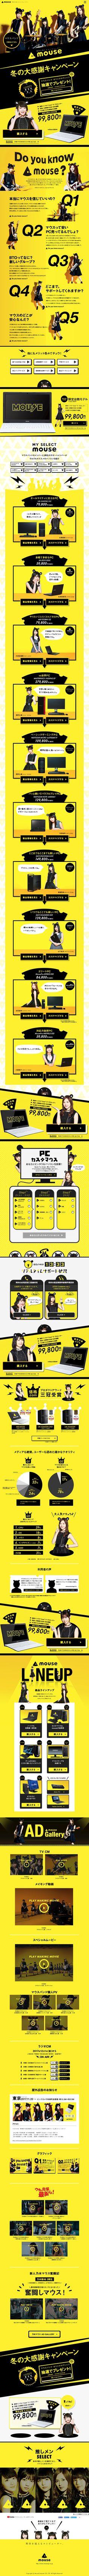 乃木坂46 CMスペシャルサイト|SANKOU!